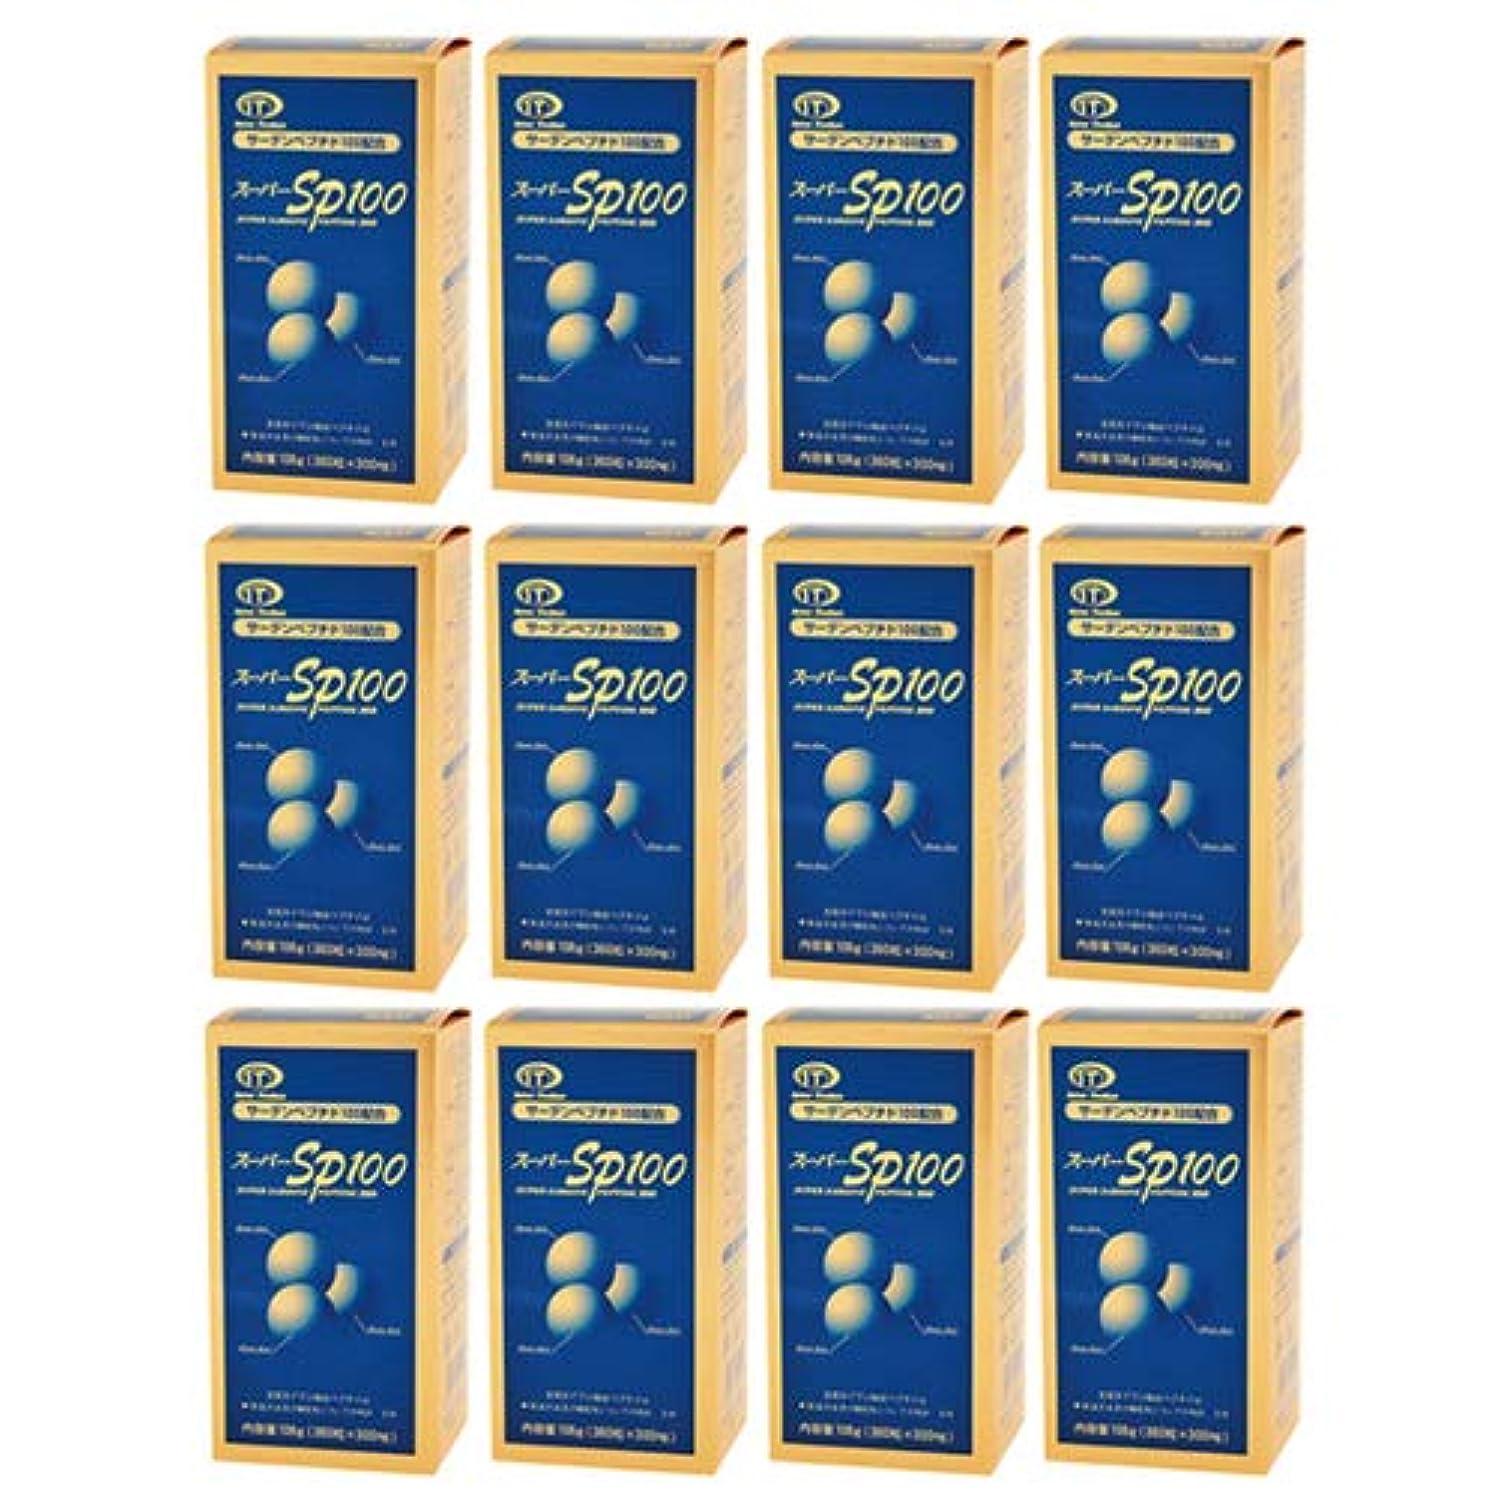 大胆な束ねるわずかなスーパーSP100(イワシペプチド)(360粒) 12箱